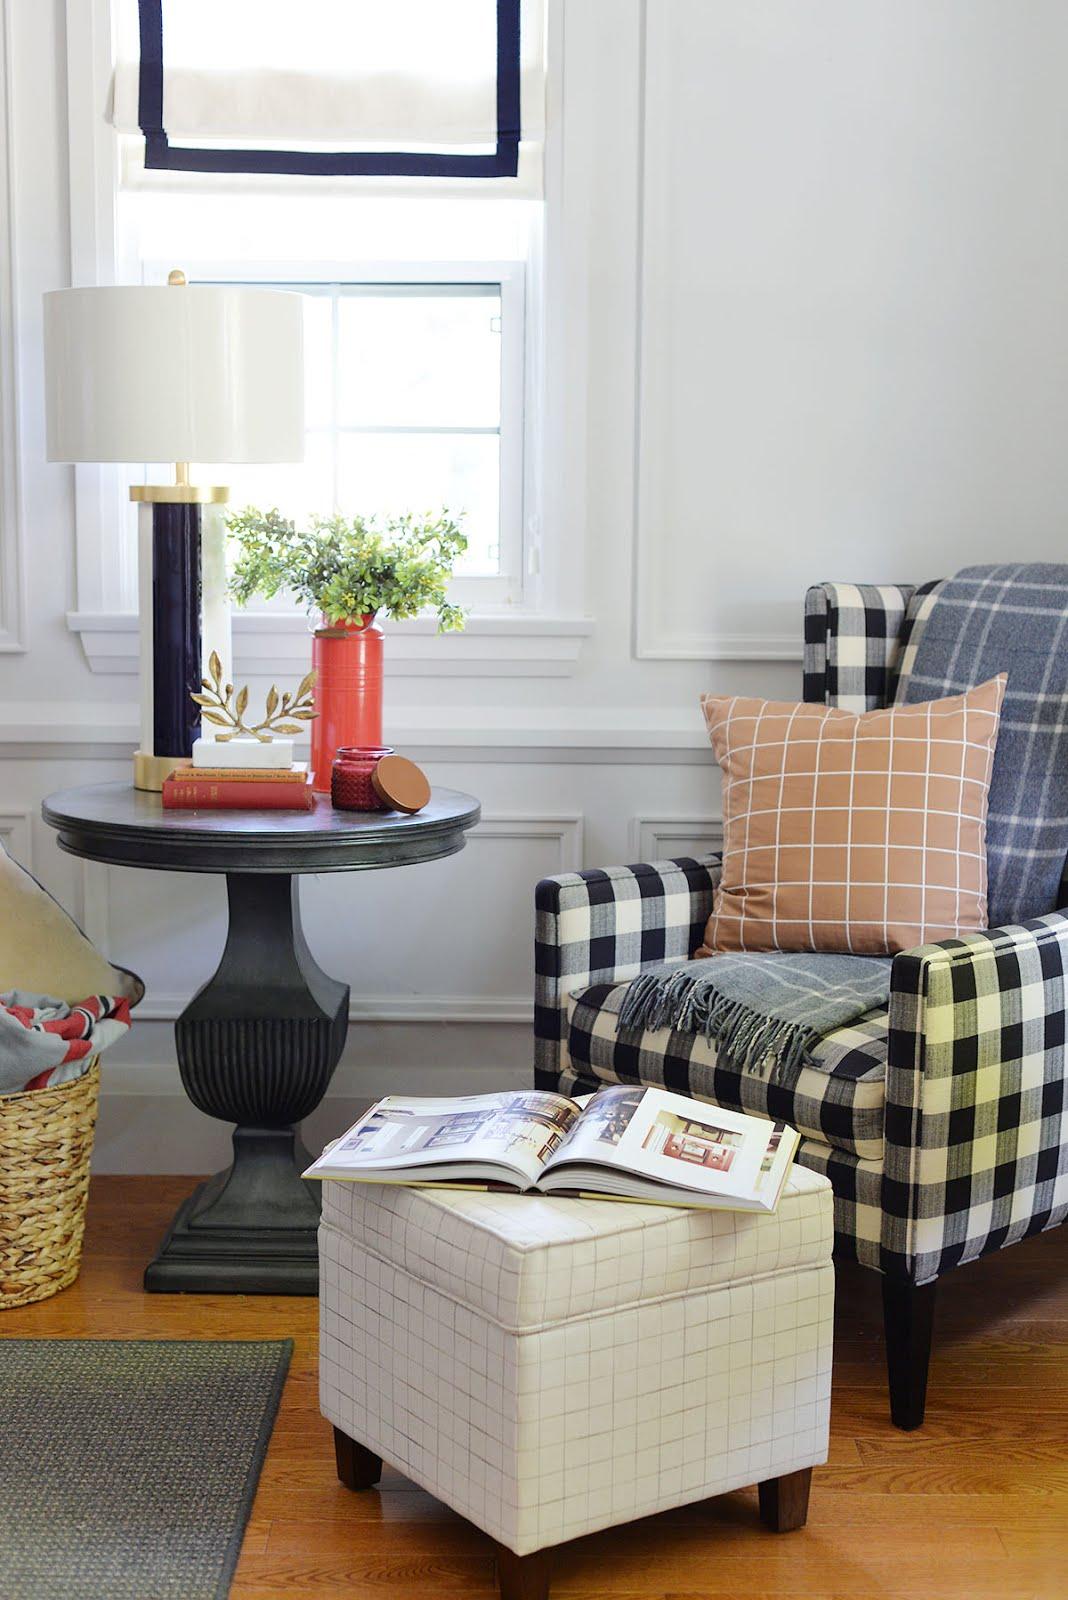 rust windowpane plaid pillow, black and white buffalo plaid chair, plaid pillows Christmas